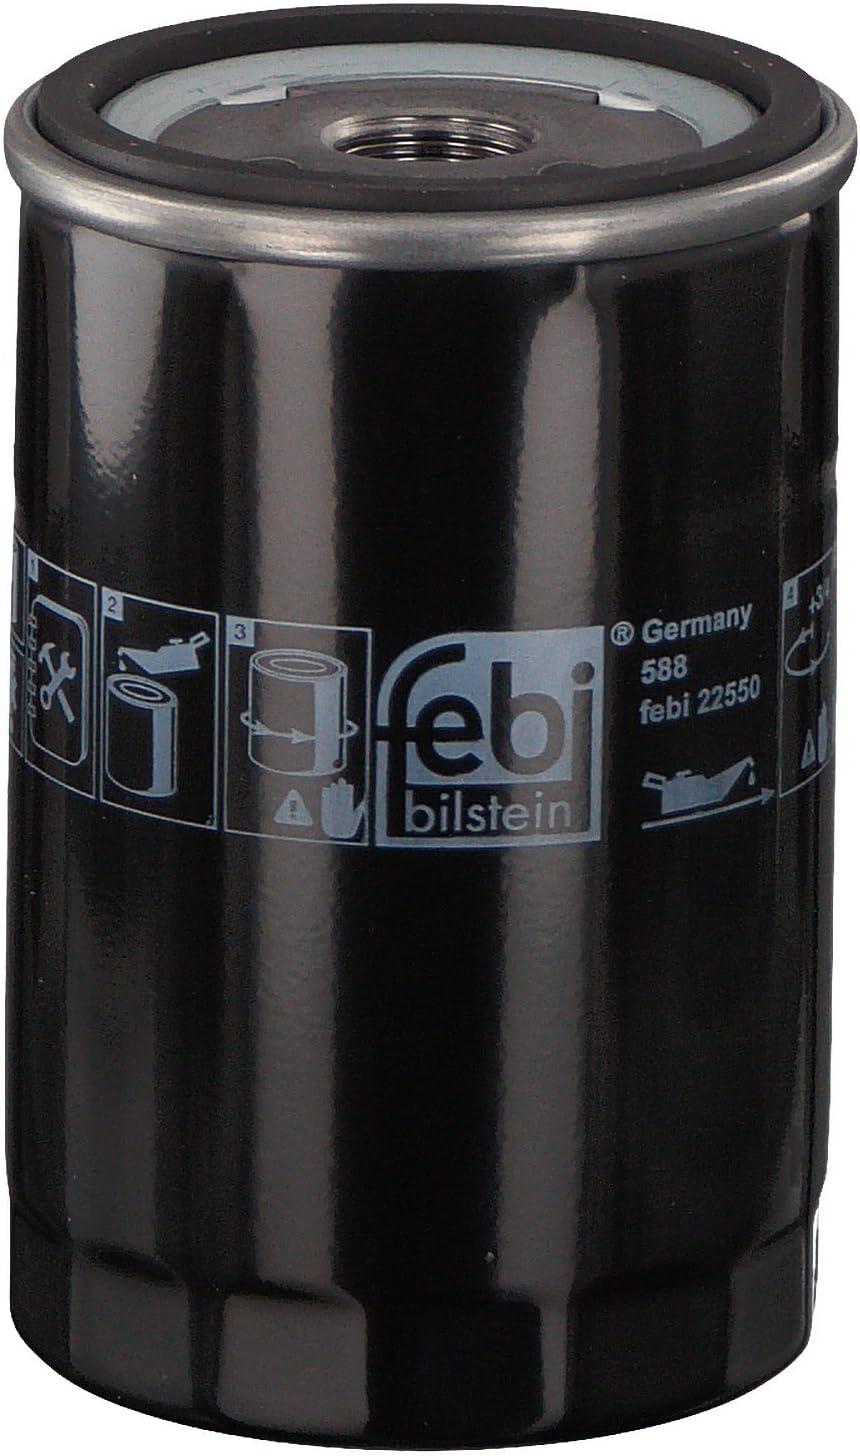 febi bilstein 22550 Oil Filter pack of one